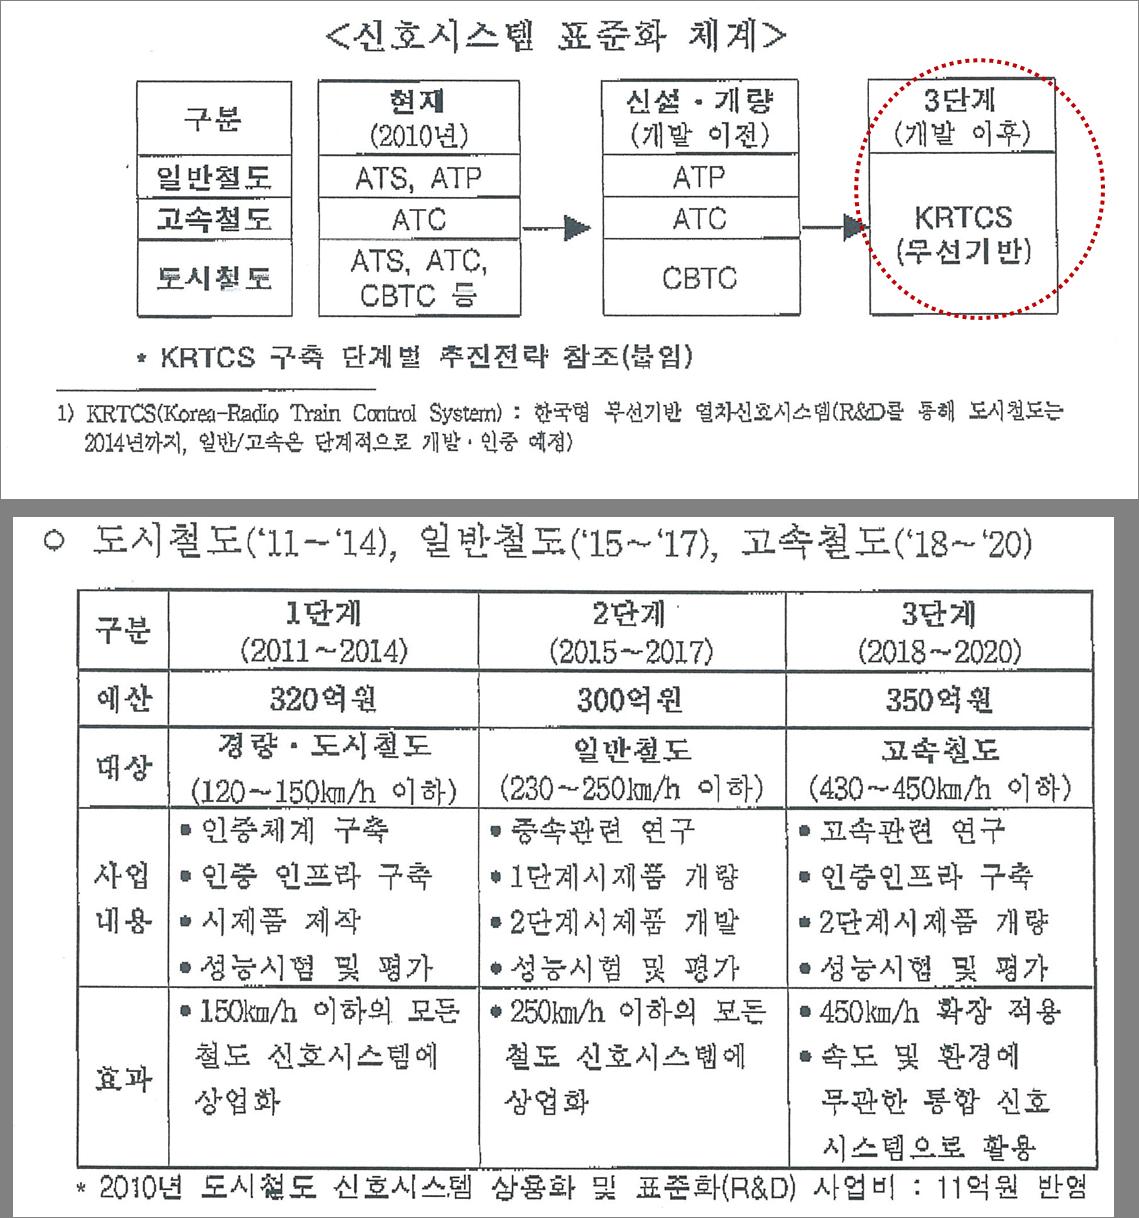 '열차 신호 표준화방안 통보(국토부, 2010.11.8)'에는 한국형 열차제어시스템을  ' KRTCS'로 1,2,3단계 개발한다고 적혀있다.